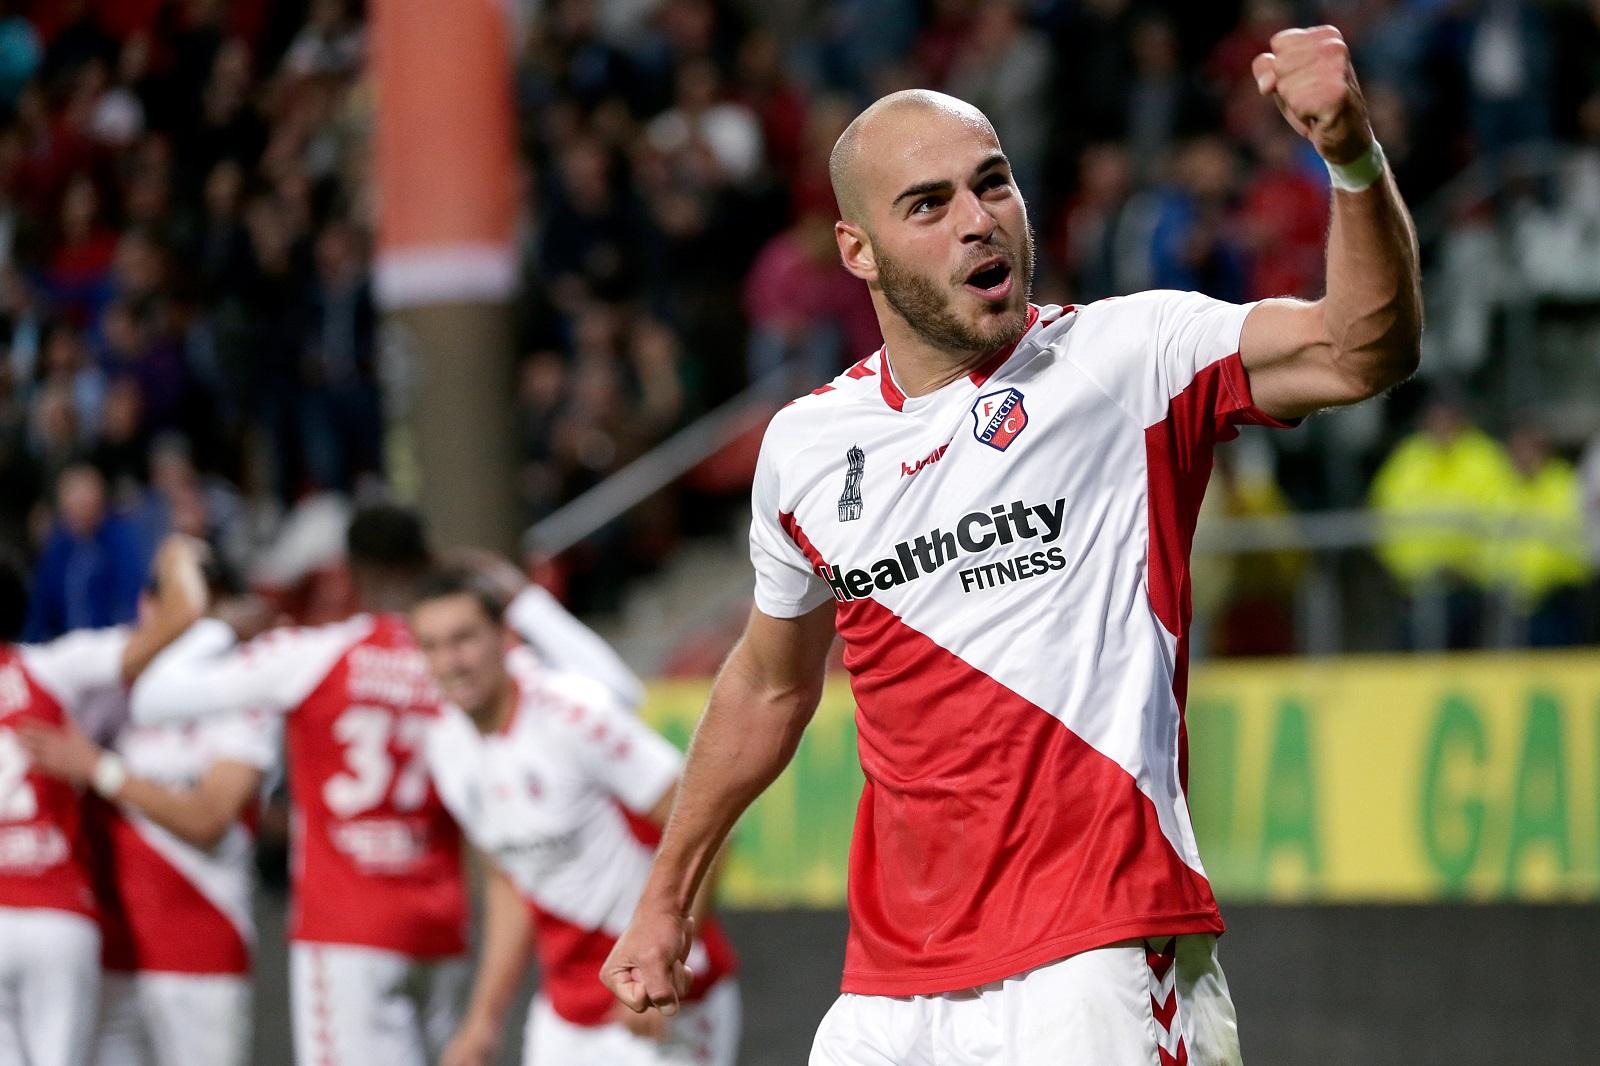 Ruud Boymans tekent contract bij Almere City FC